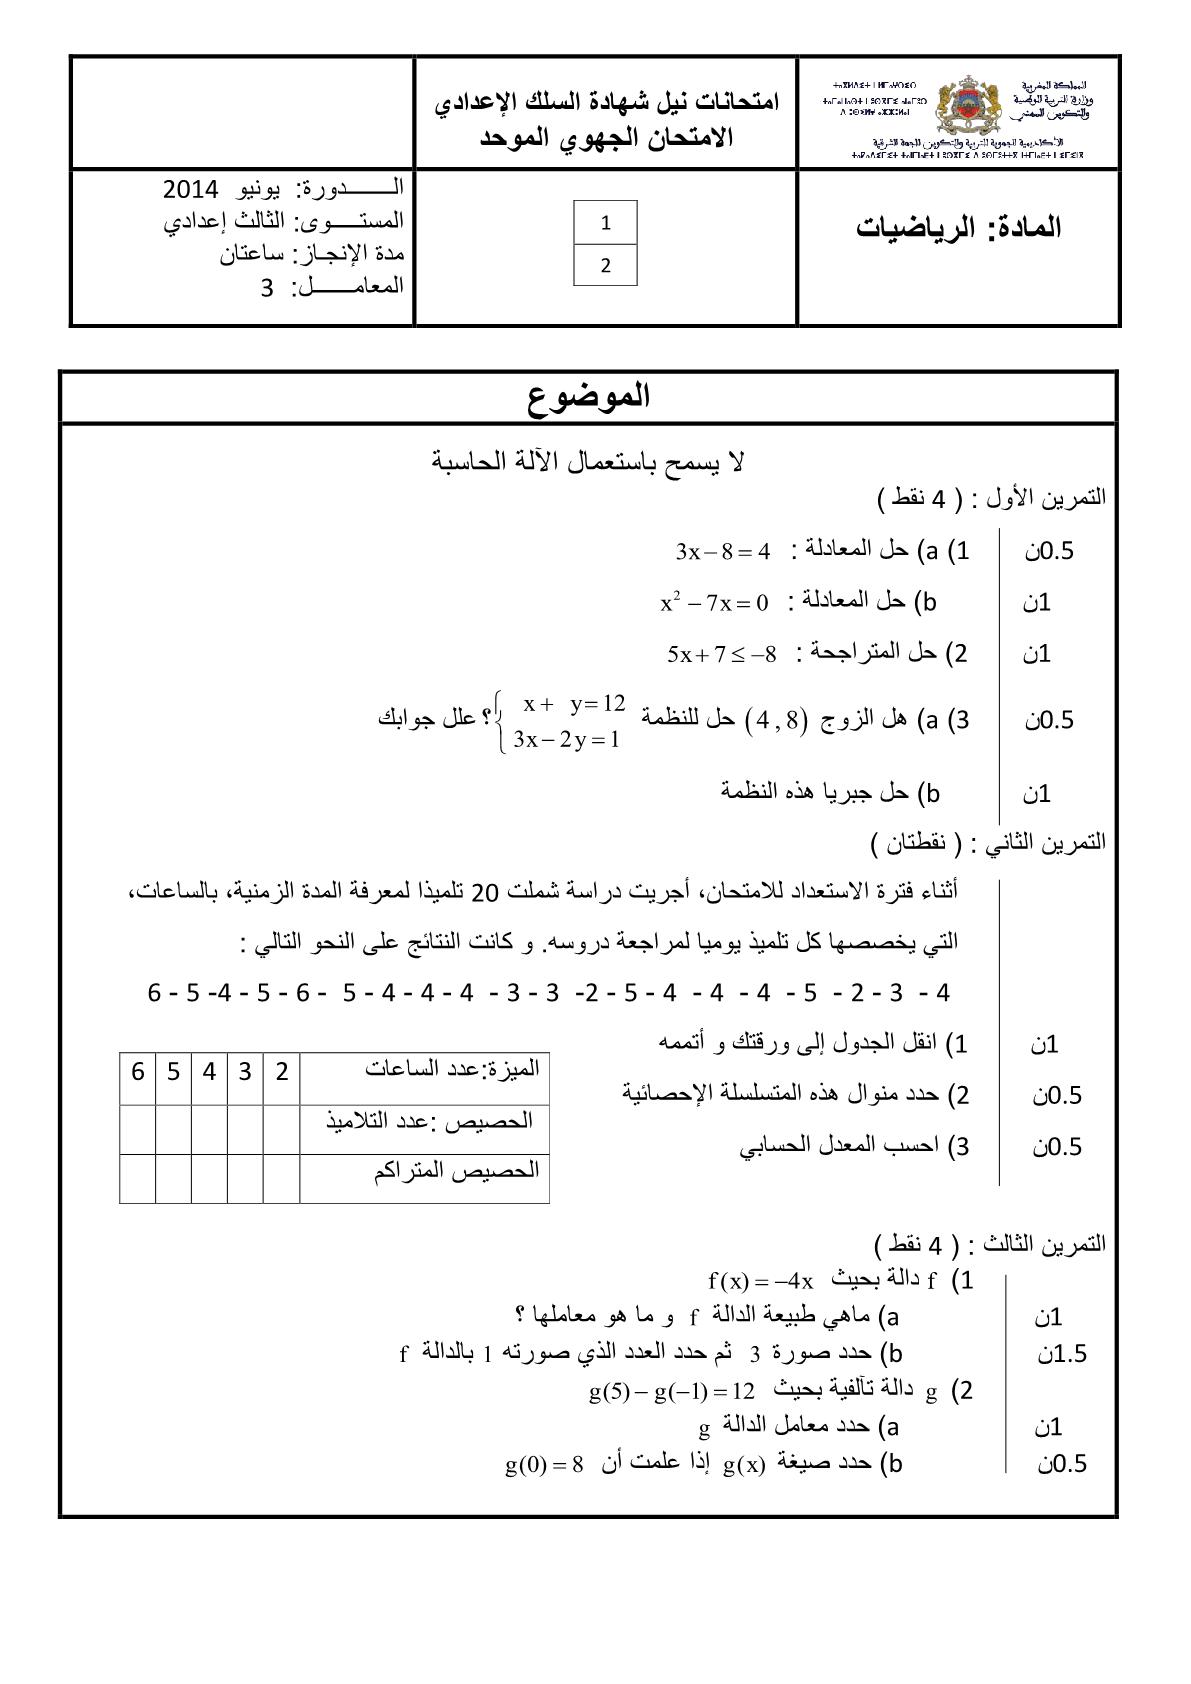 الامتحان الجهوي الموحد للسلك الإعدادي مع الحل للجهة الشرقية.